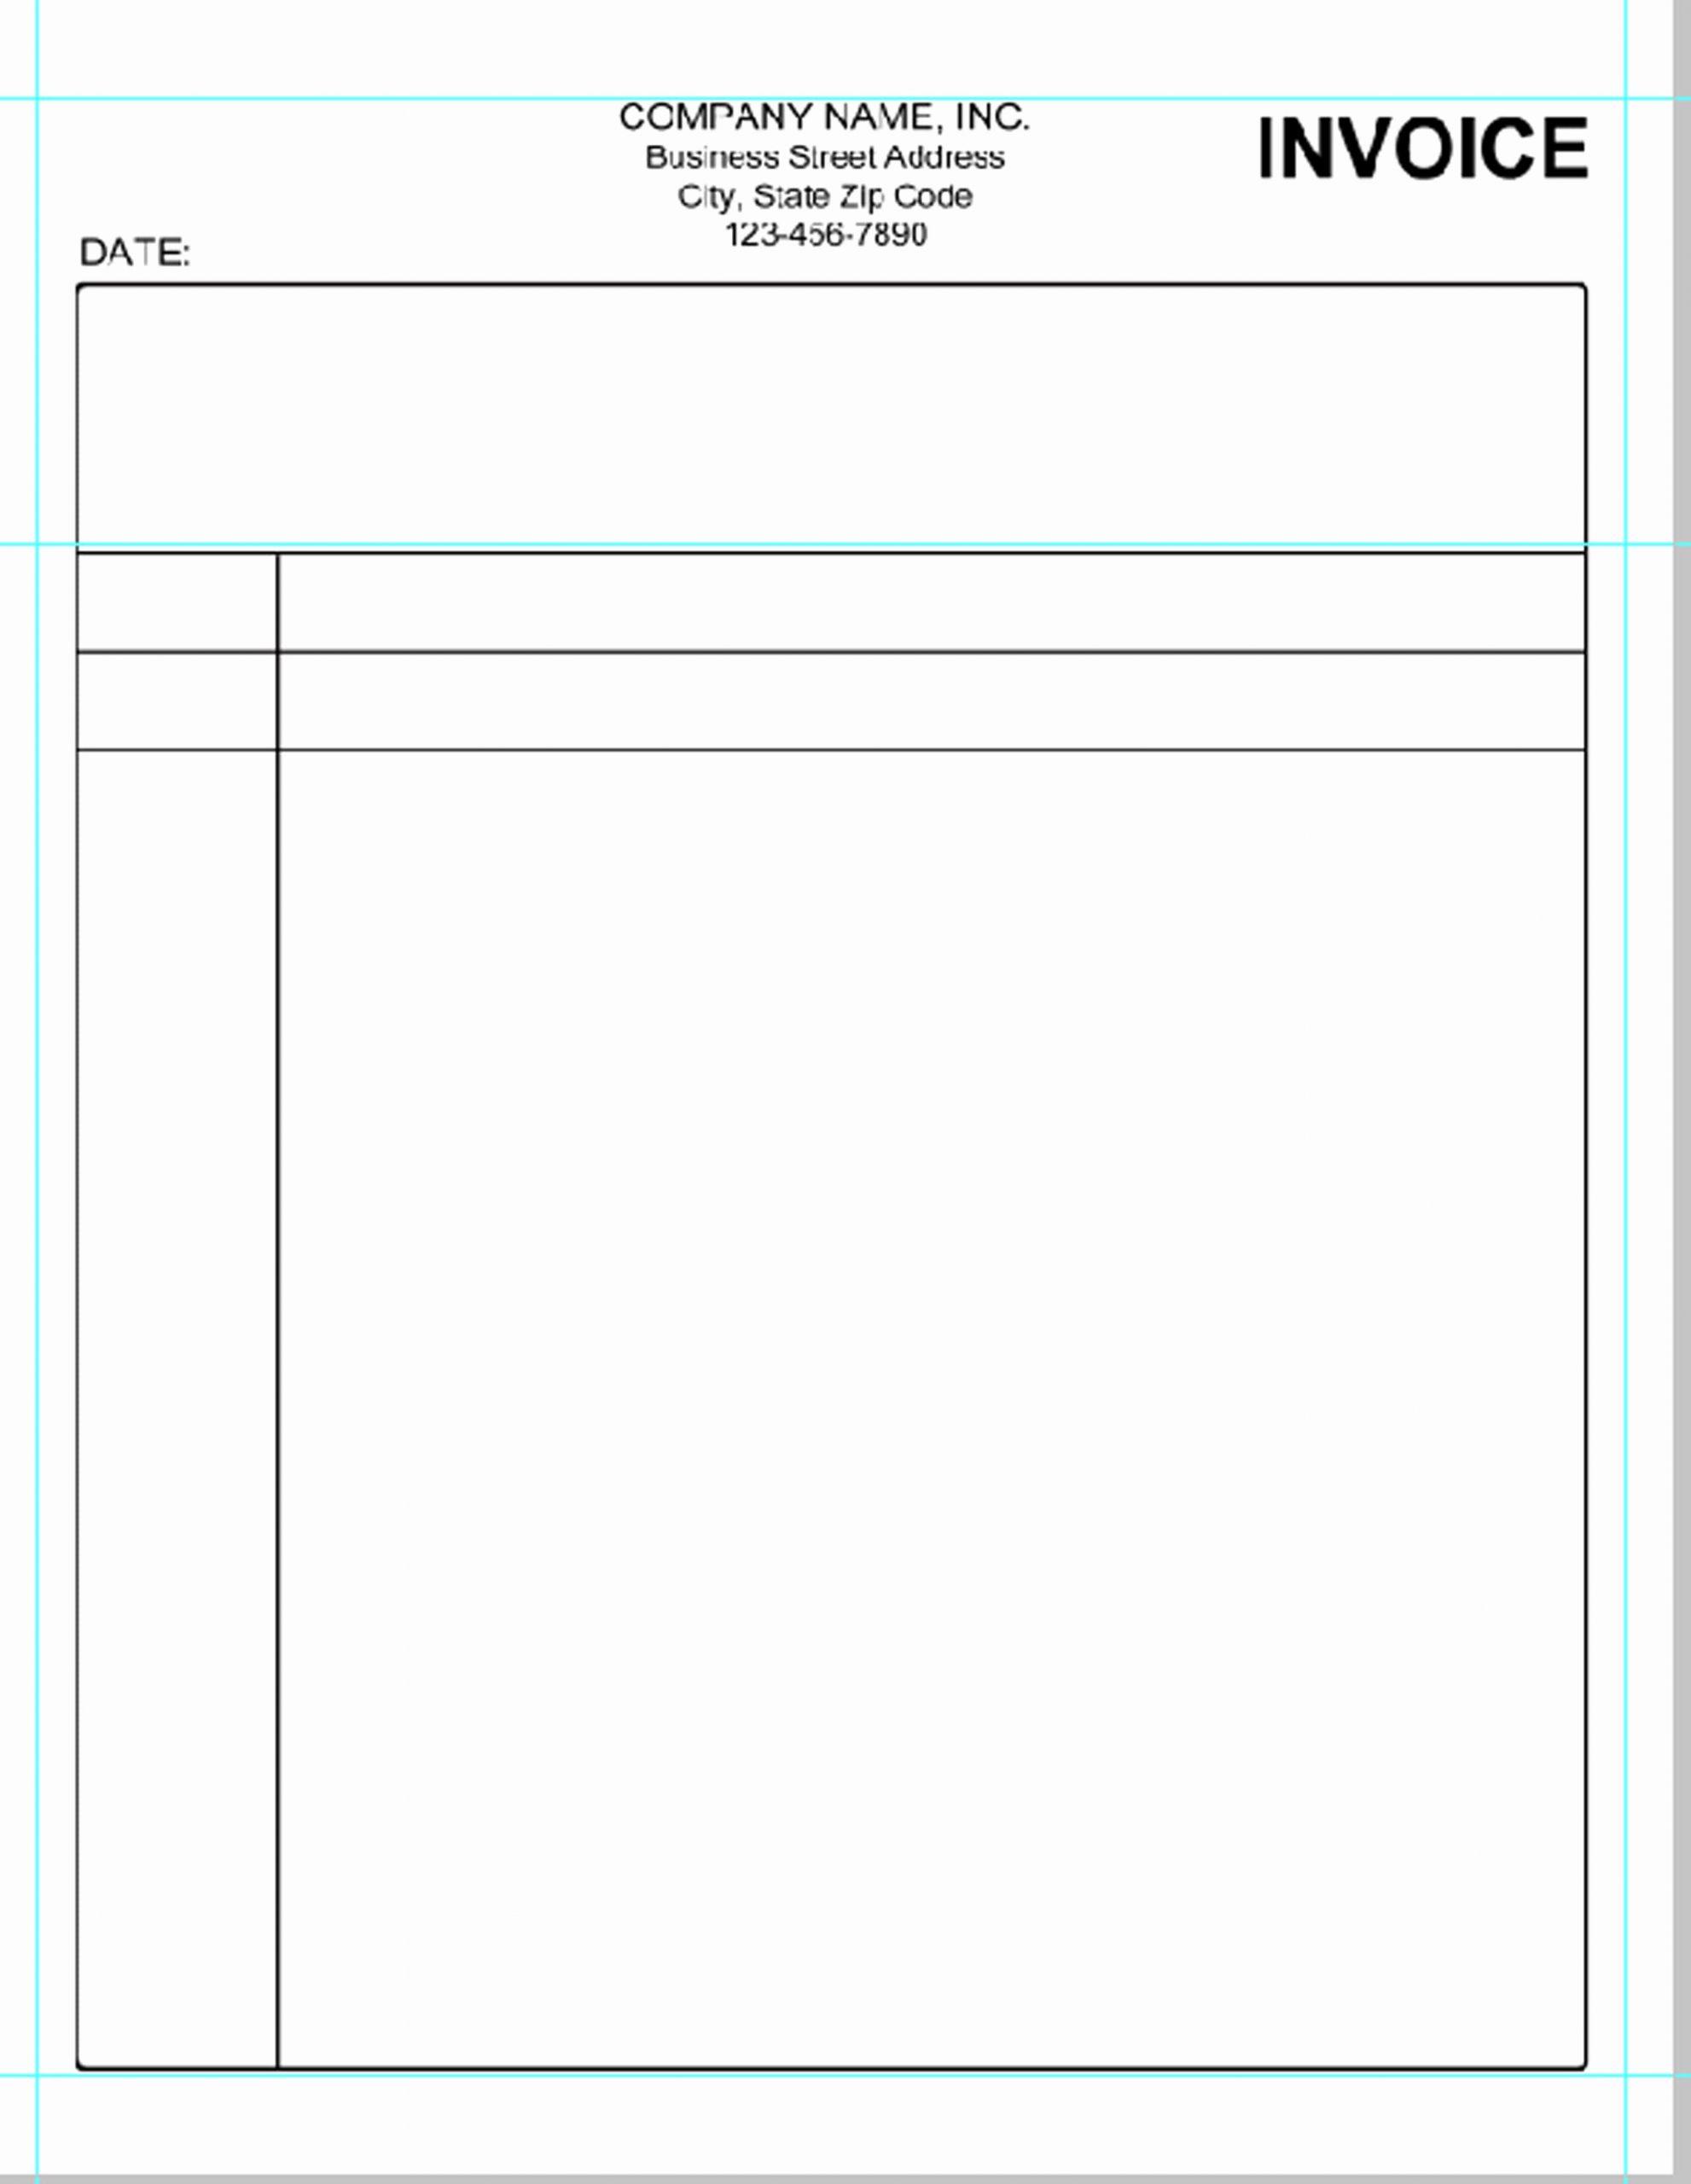 Quickbooks Invoice Template Excel Inspirational Quickbooks Invoice Template — Excelxo